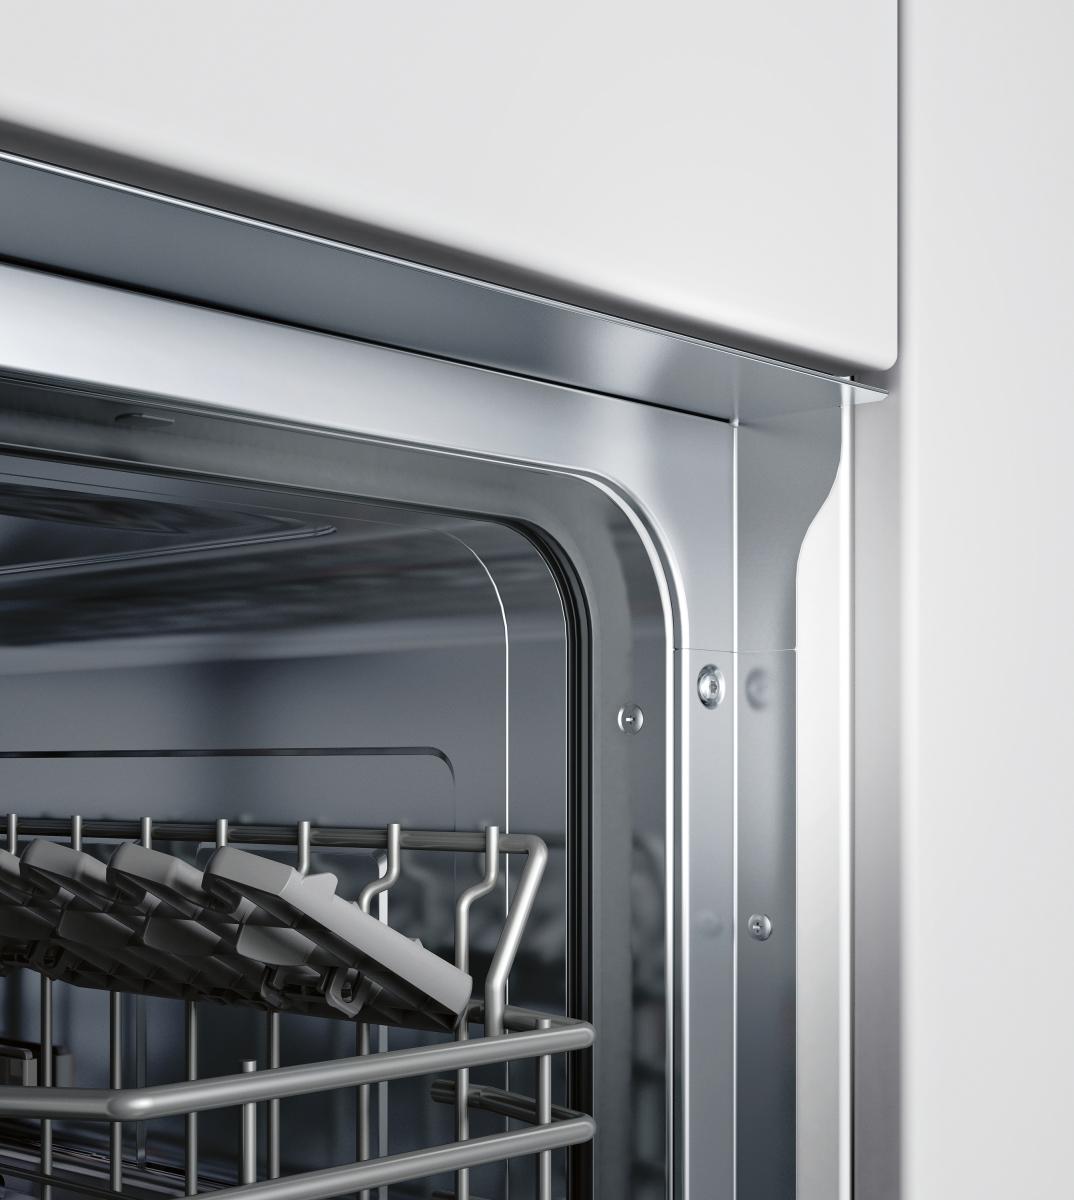 Bosch SMZ5045 Sonderzubehör für Geschirrspüler Edelstahlverblendungssatz 86,5cm Höhe